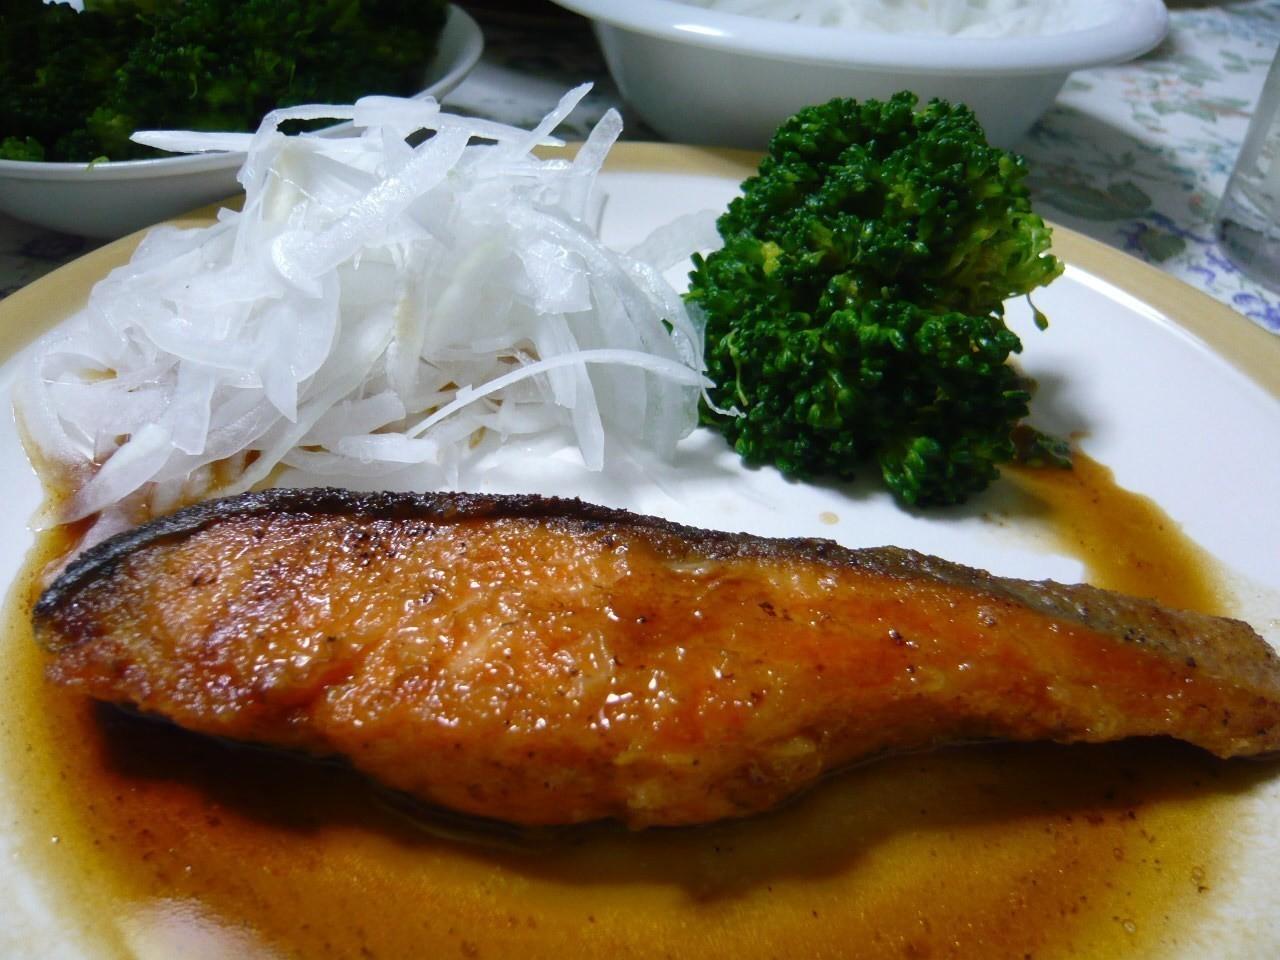 今日の晩御飯は鮭のムニエル!初物の新玉ネギのスライスを添えて(^o^)